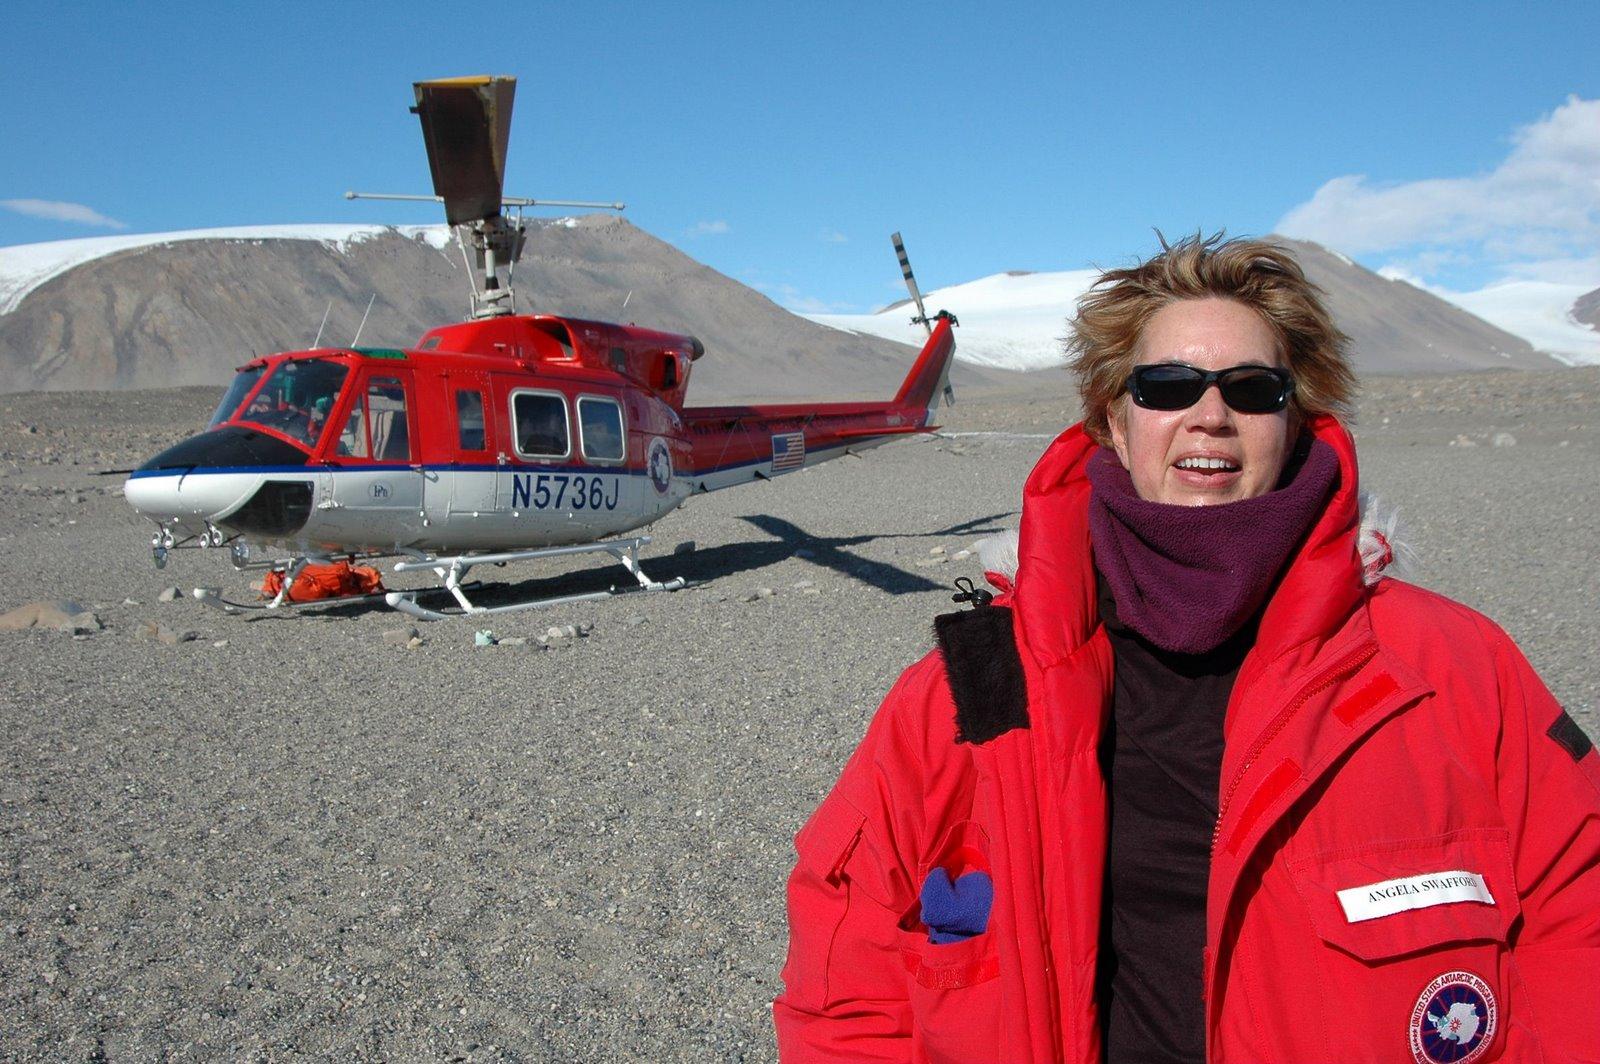 [Copy+of+angela+y+helicoptero+en+dry+valleys+antarctica.jpg]